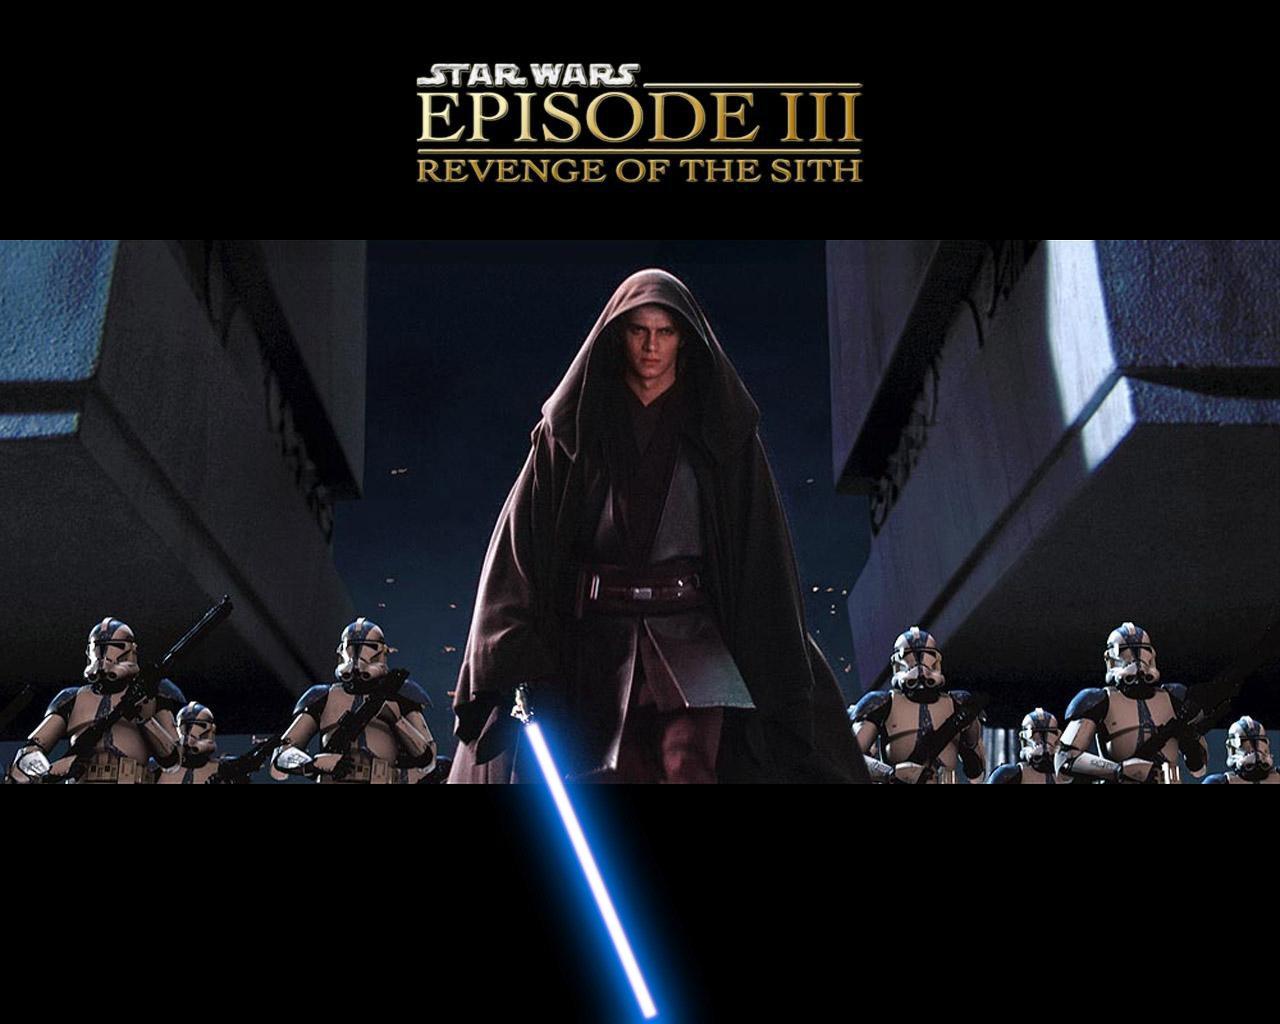 Photo Star Wars Movies Star Wars Episode Iii Movies